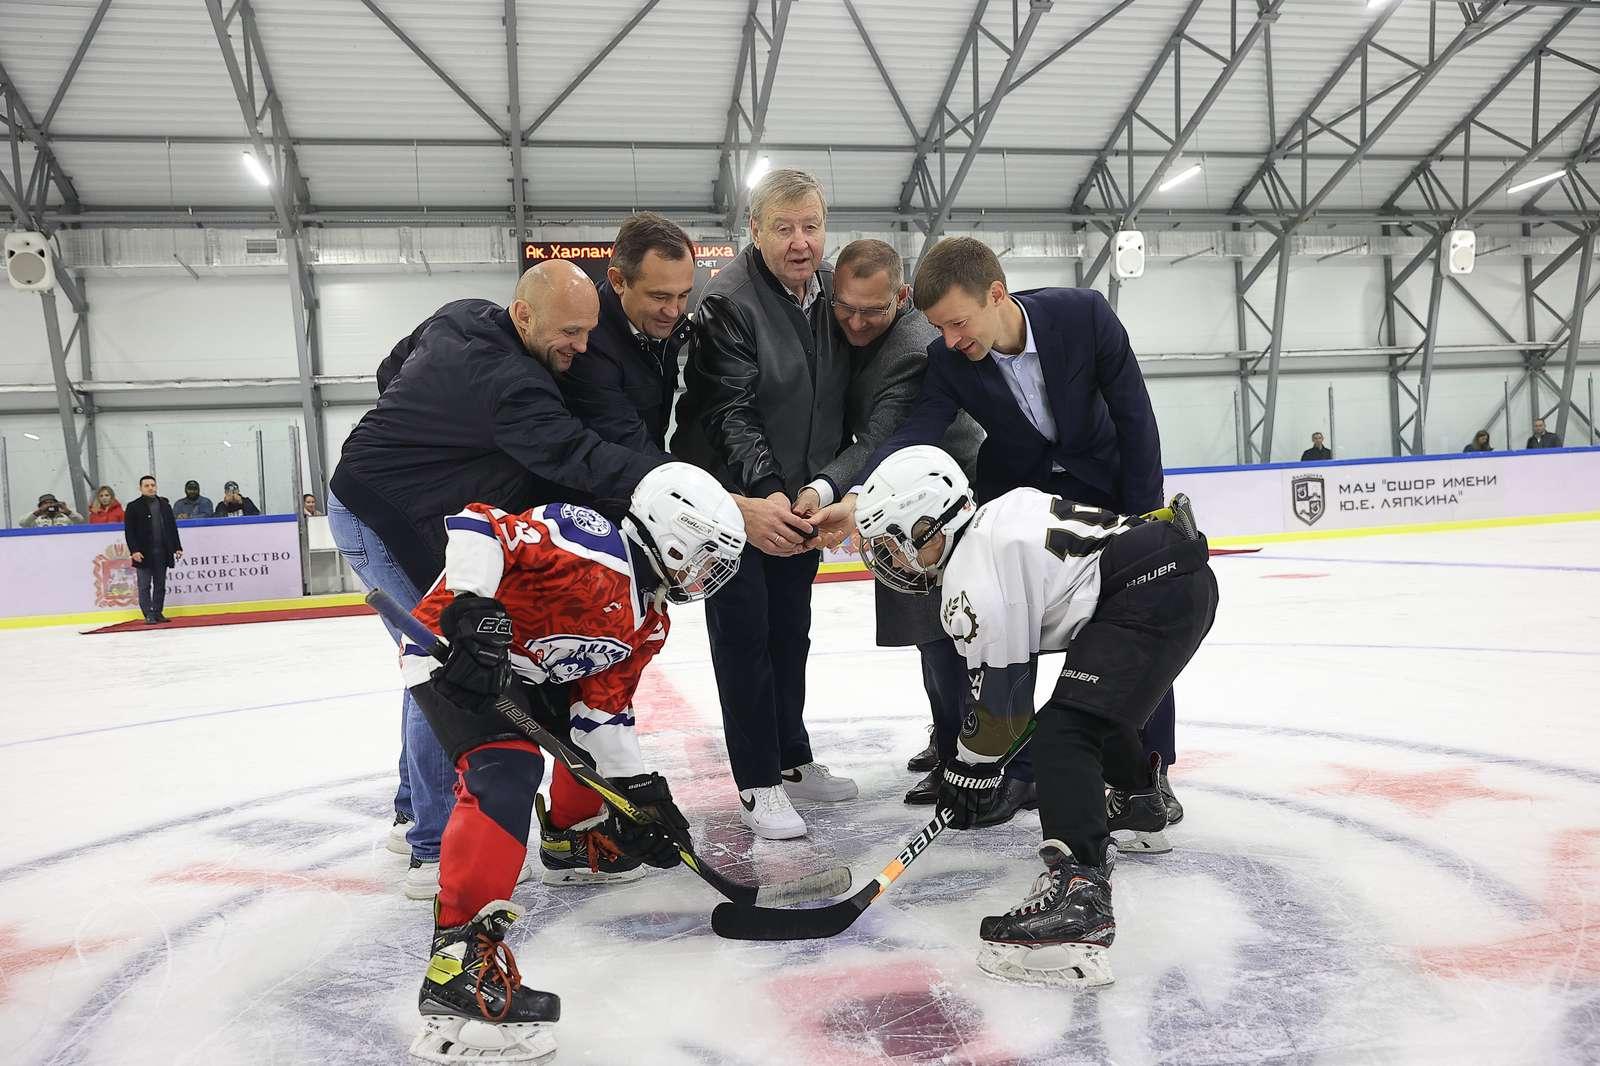 Новую ледовую арену открыли в Балашихе в День города | Изображение 2